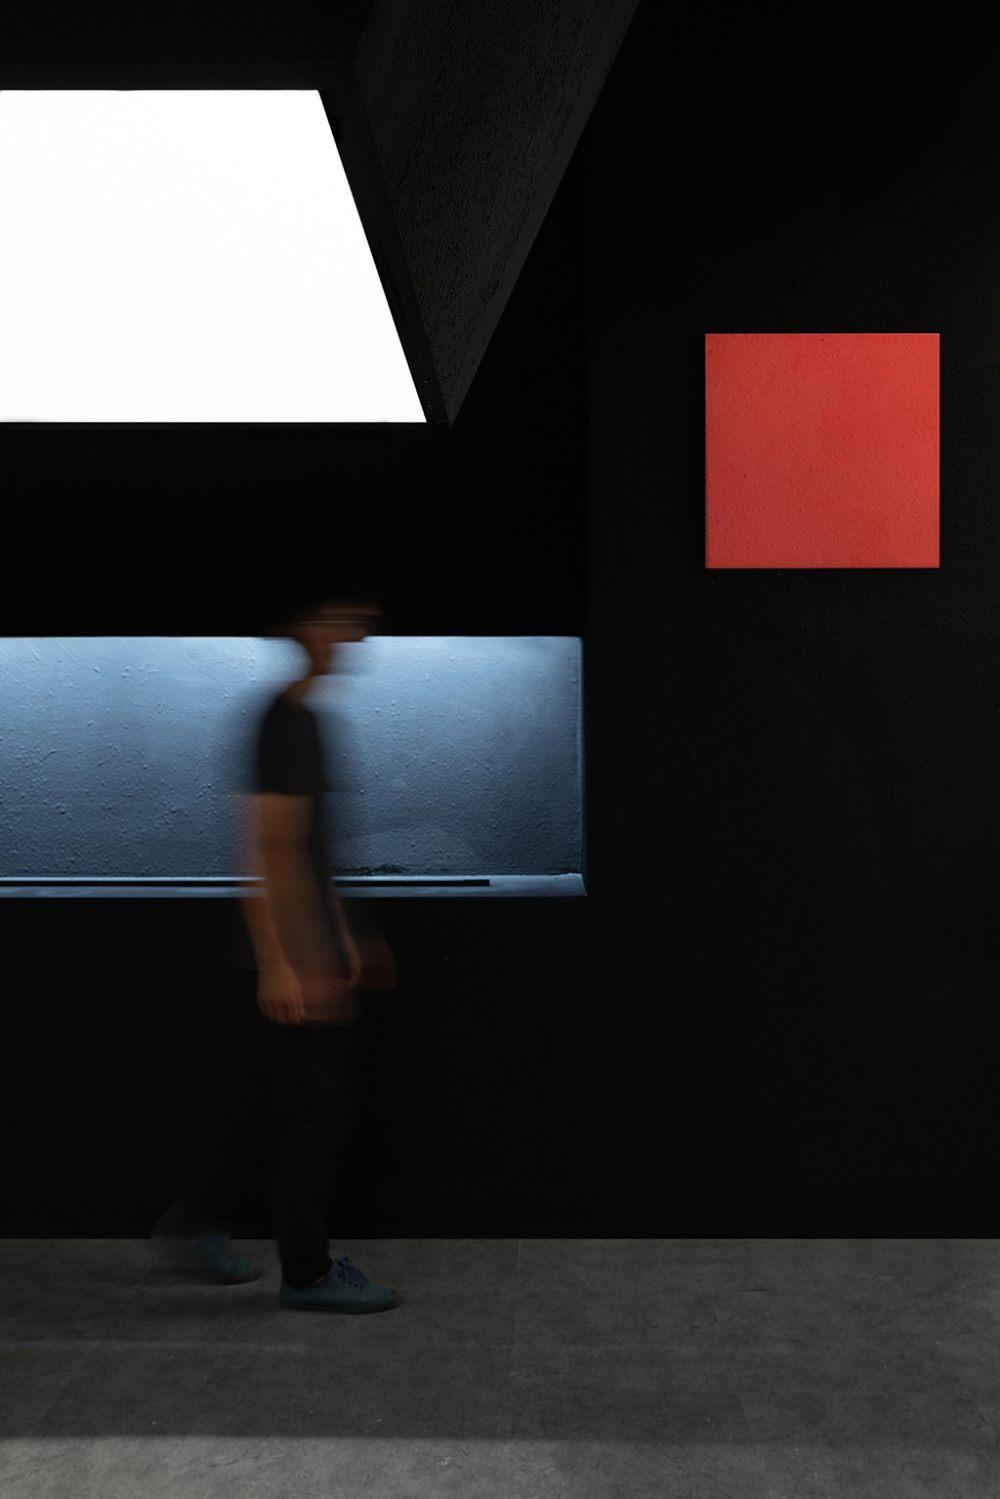 埂上设计丨深城投云端会所:生活与艺术无界融合-67.jpg